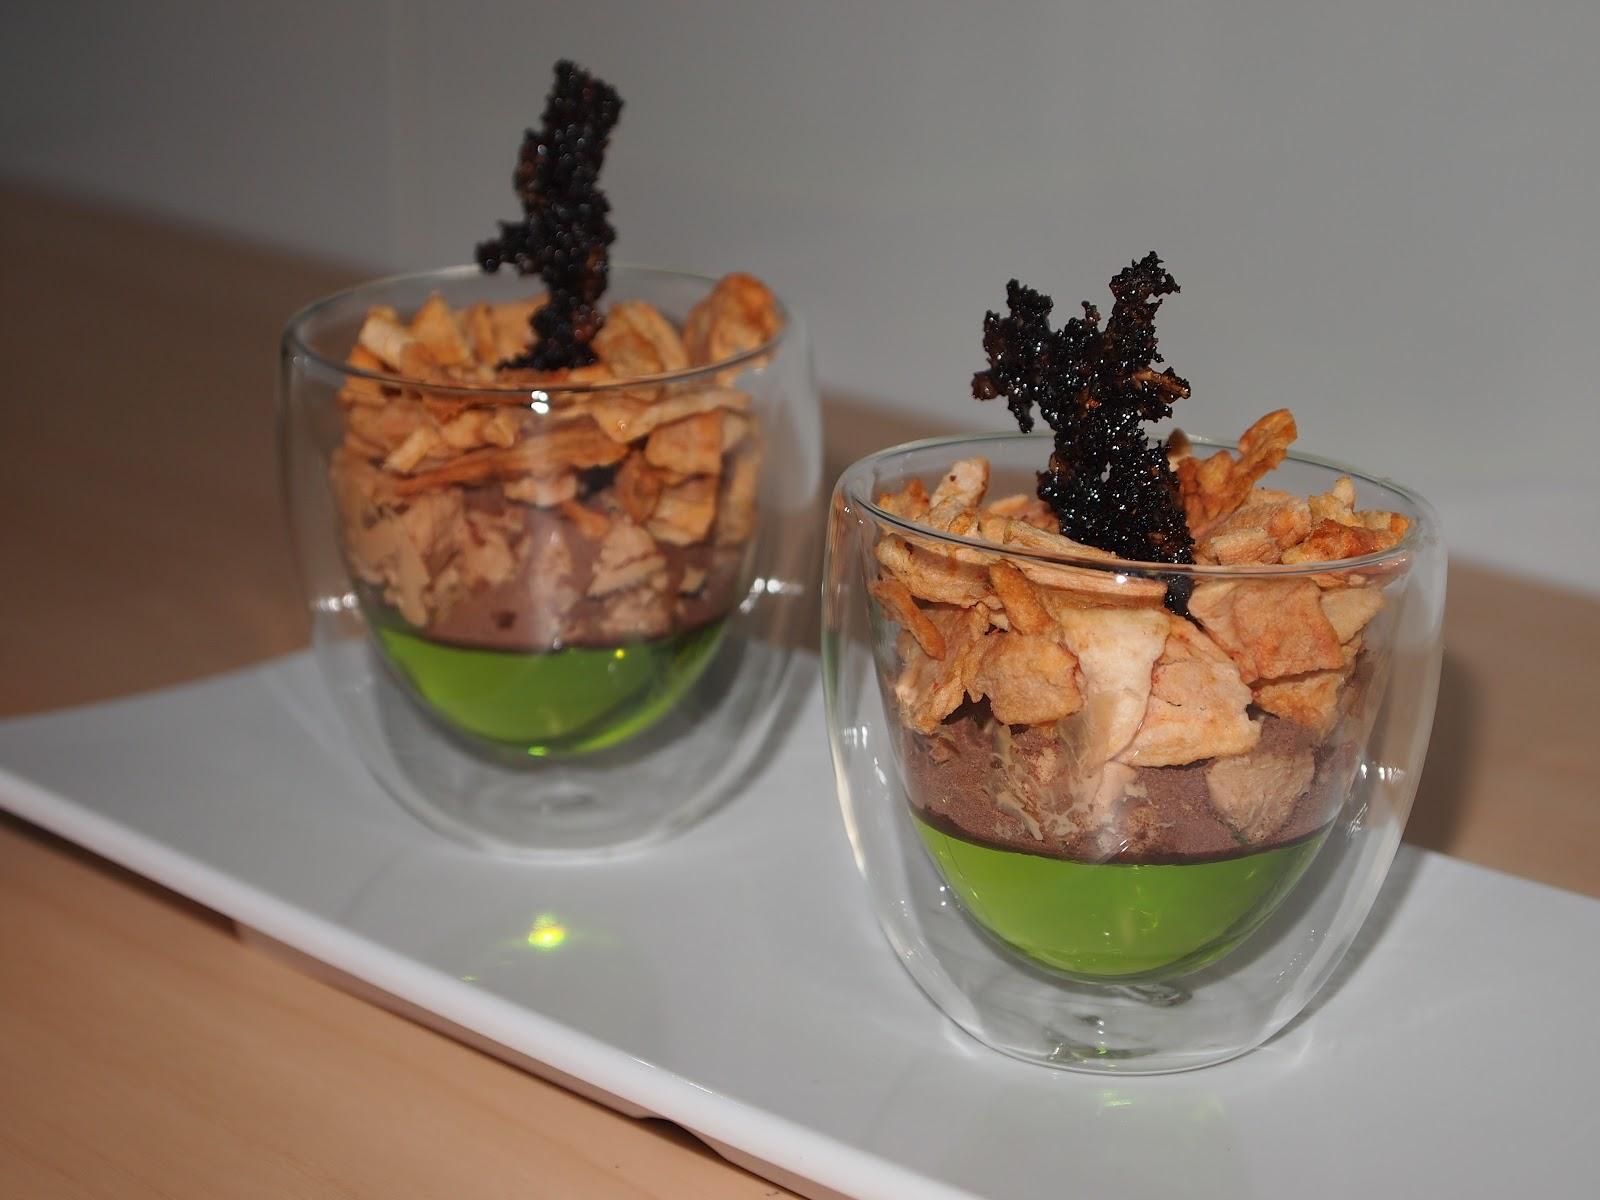 Moderno Cocina Creativa Y Baño Modelo - Como Decorar la Cocina ...